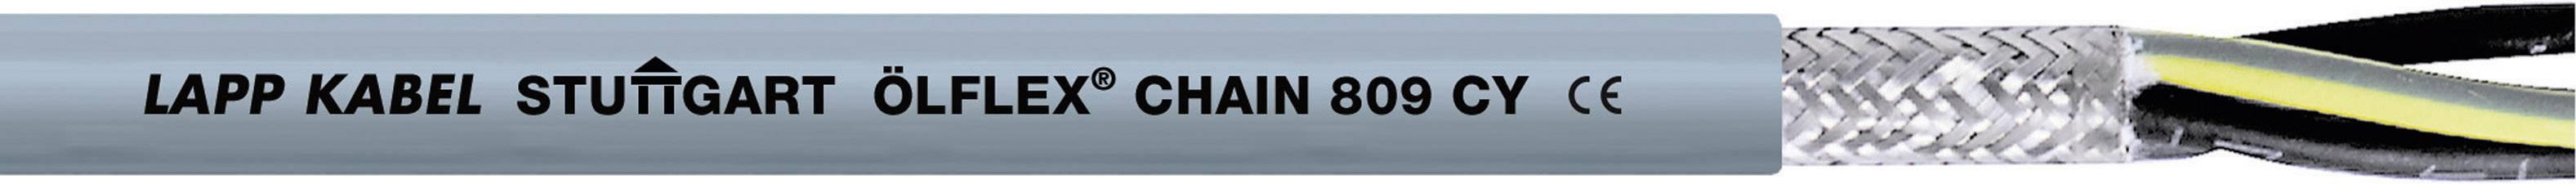 Žíla kabelu LappKabel ÖLFLEX CHAIN 809 CY 4G2,5 (1026784), 4x 2,5 mm², PVC, Ø 10,1 mm, stíněný, 100 m, šedá